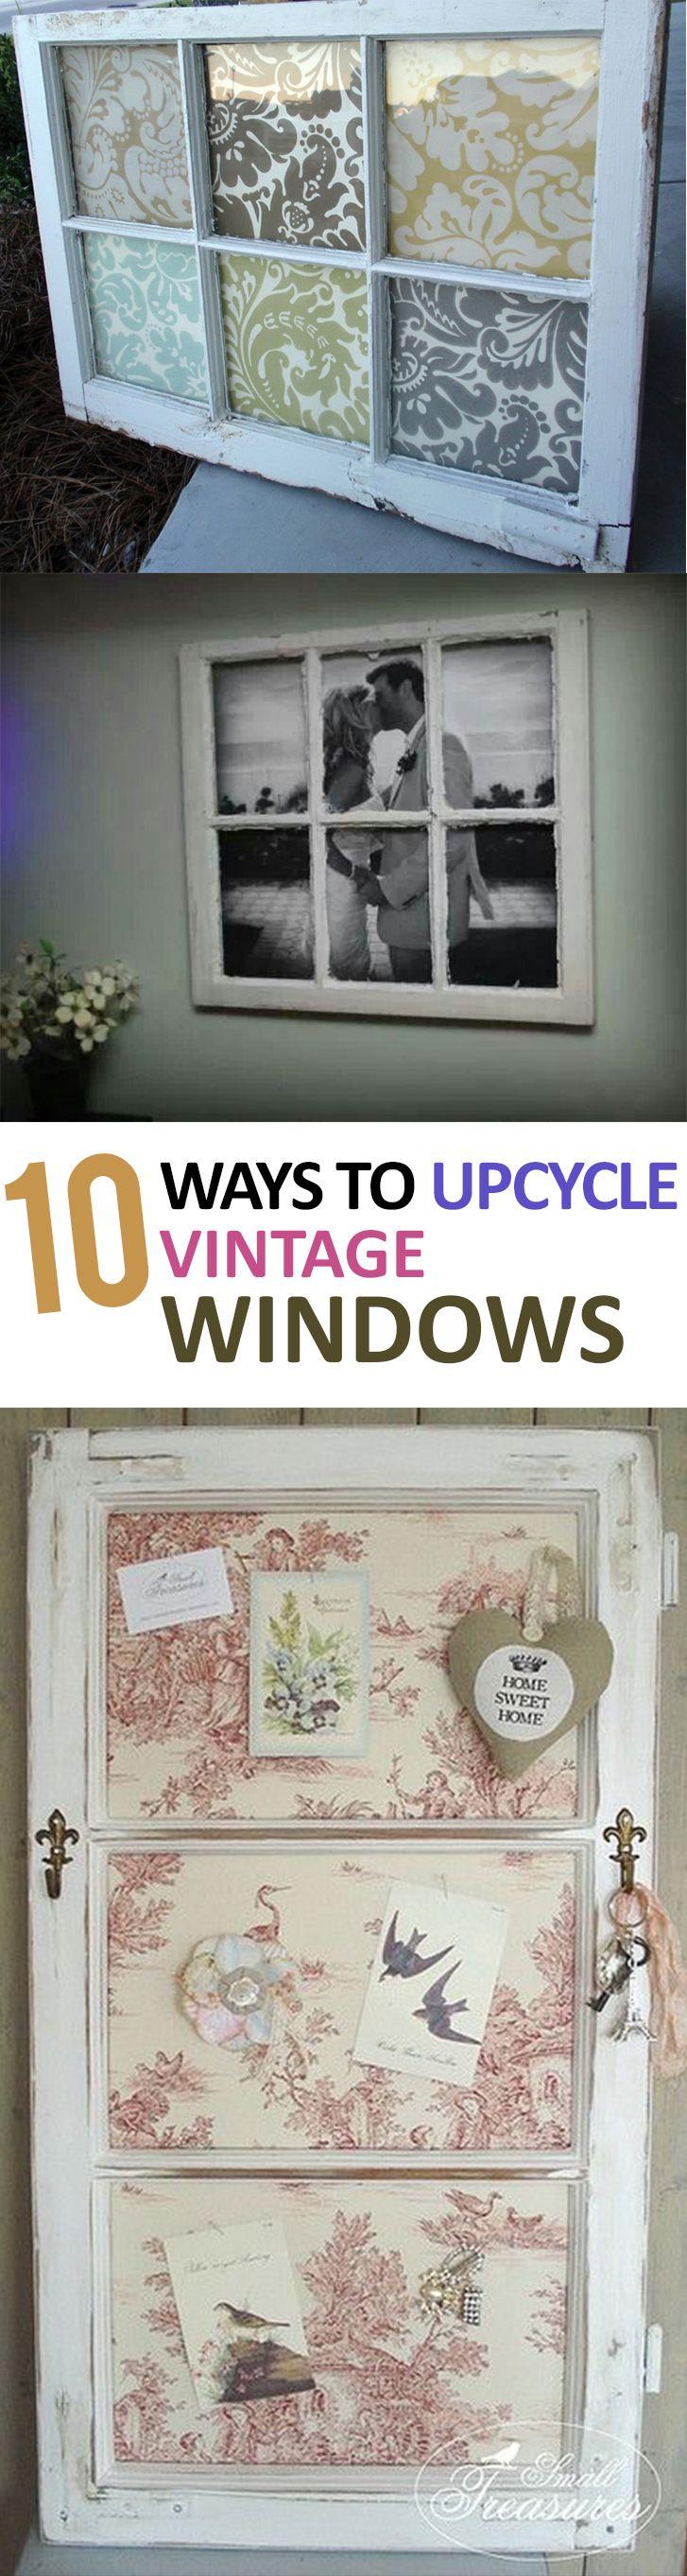 10 Ways to Upcycle Vintage Windows - | Alte fenster, Fenster und Alter